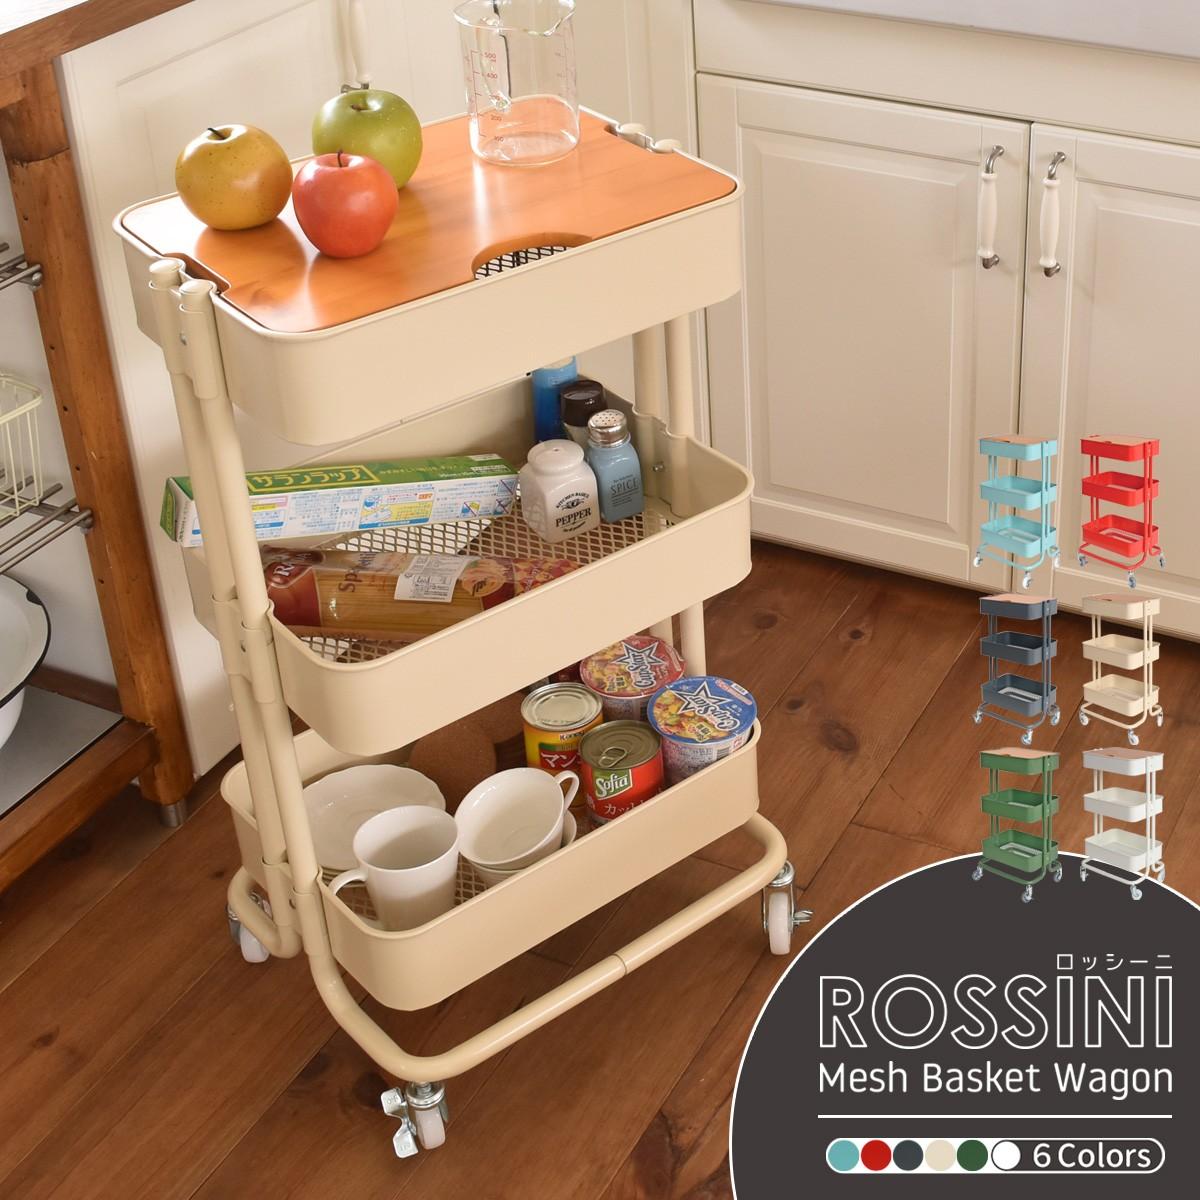 ロッシーニ(Rossini) サイドテーブル キッチンワゴン 3段 ROW-F3 キャスター付き バスケット ワゴン スチールラック おもちゃ箱 メッシュ 北欧 ウッド アイアン 天板 天然木 シンプル おしゃれ